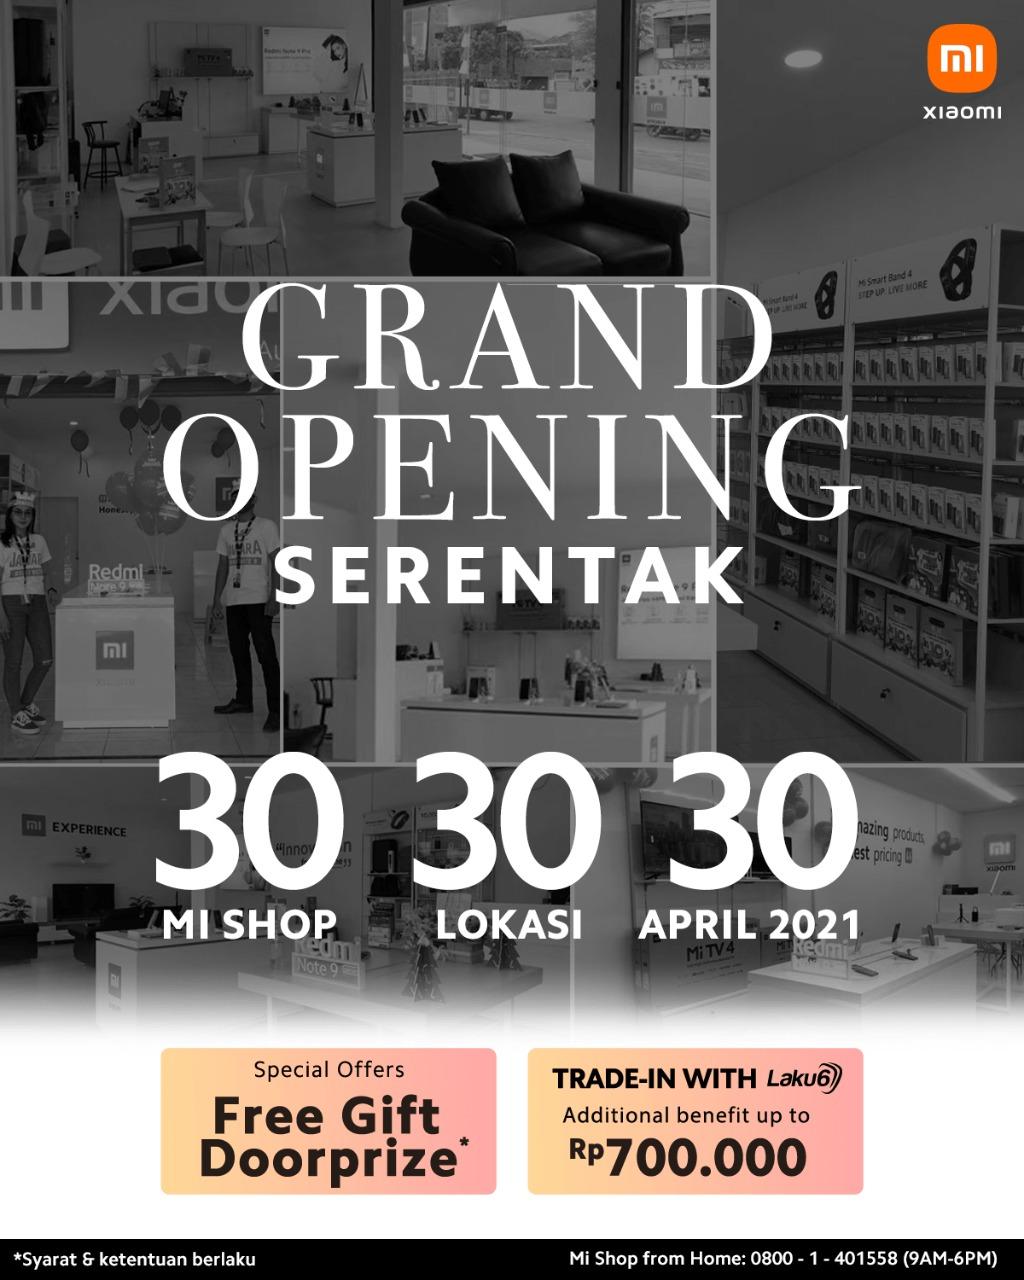 Grand opening serentak 30 Mi Shop di 30 lokasi.